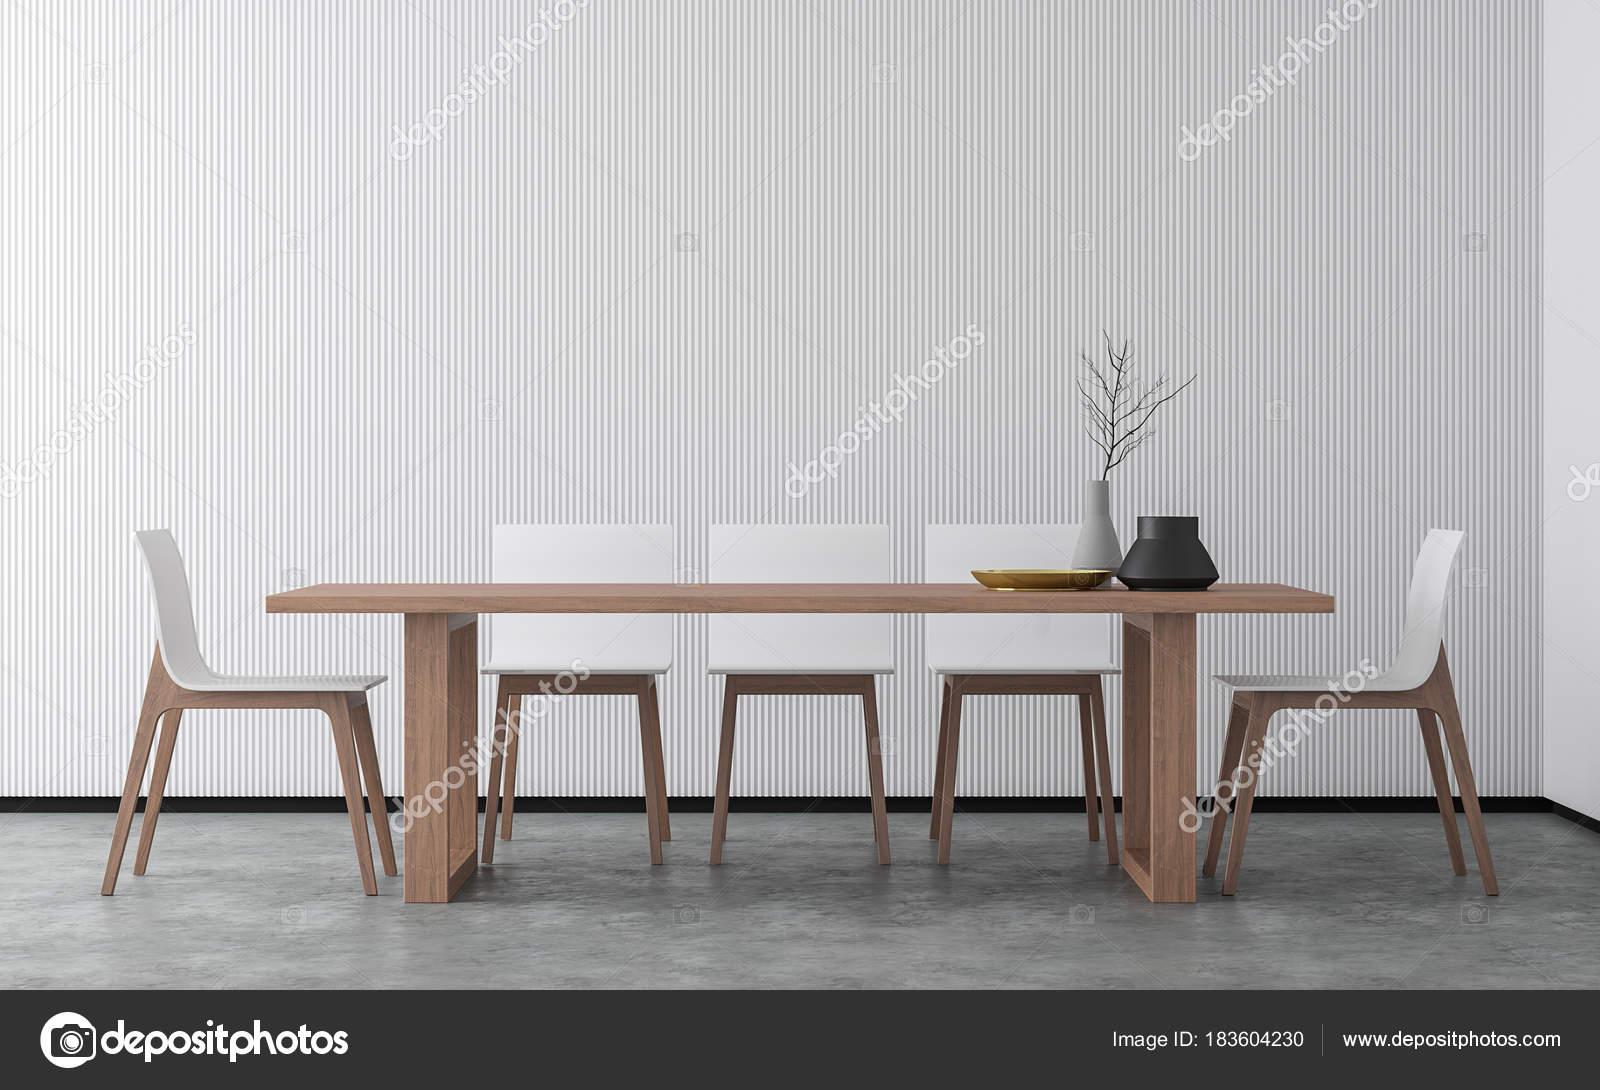 Entzuckend Minimalistischen Stil Esszimmer Rendering Bild Gibt Betonboden Dekorieren  Mit Weißen U2014 Stockfoto